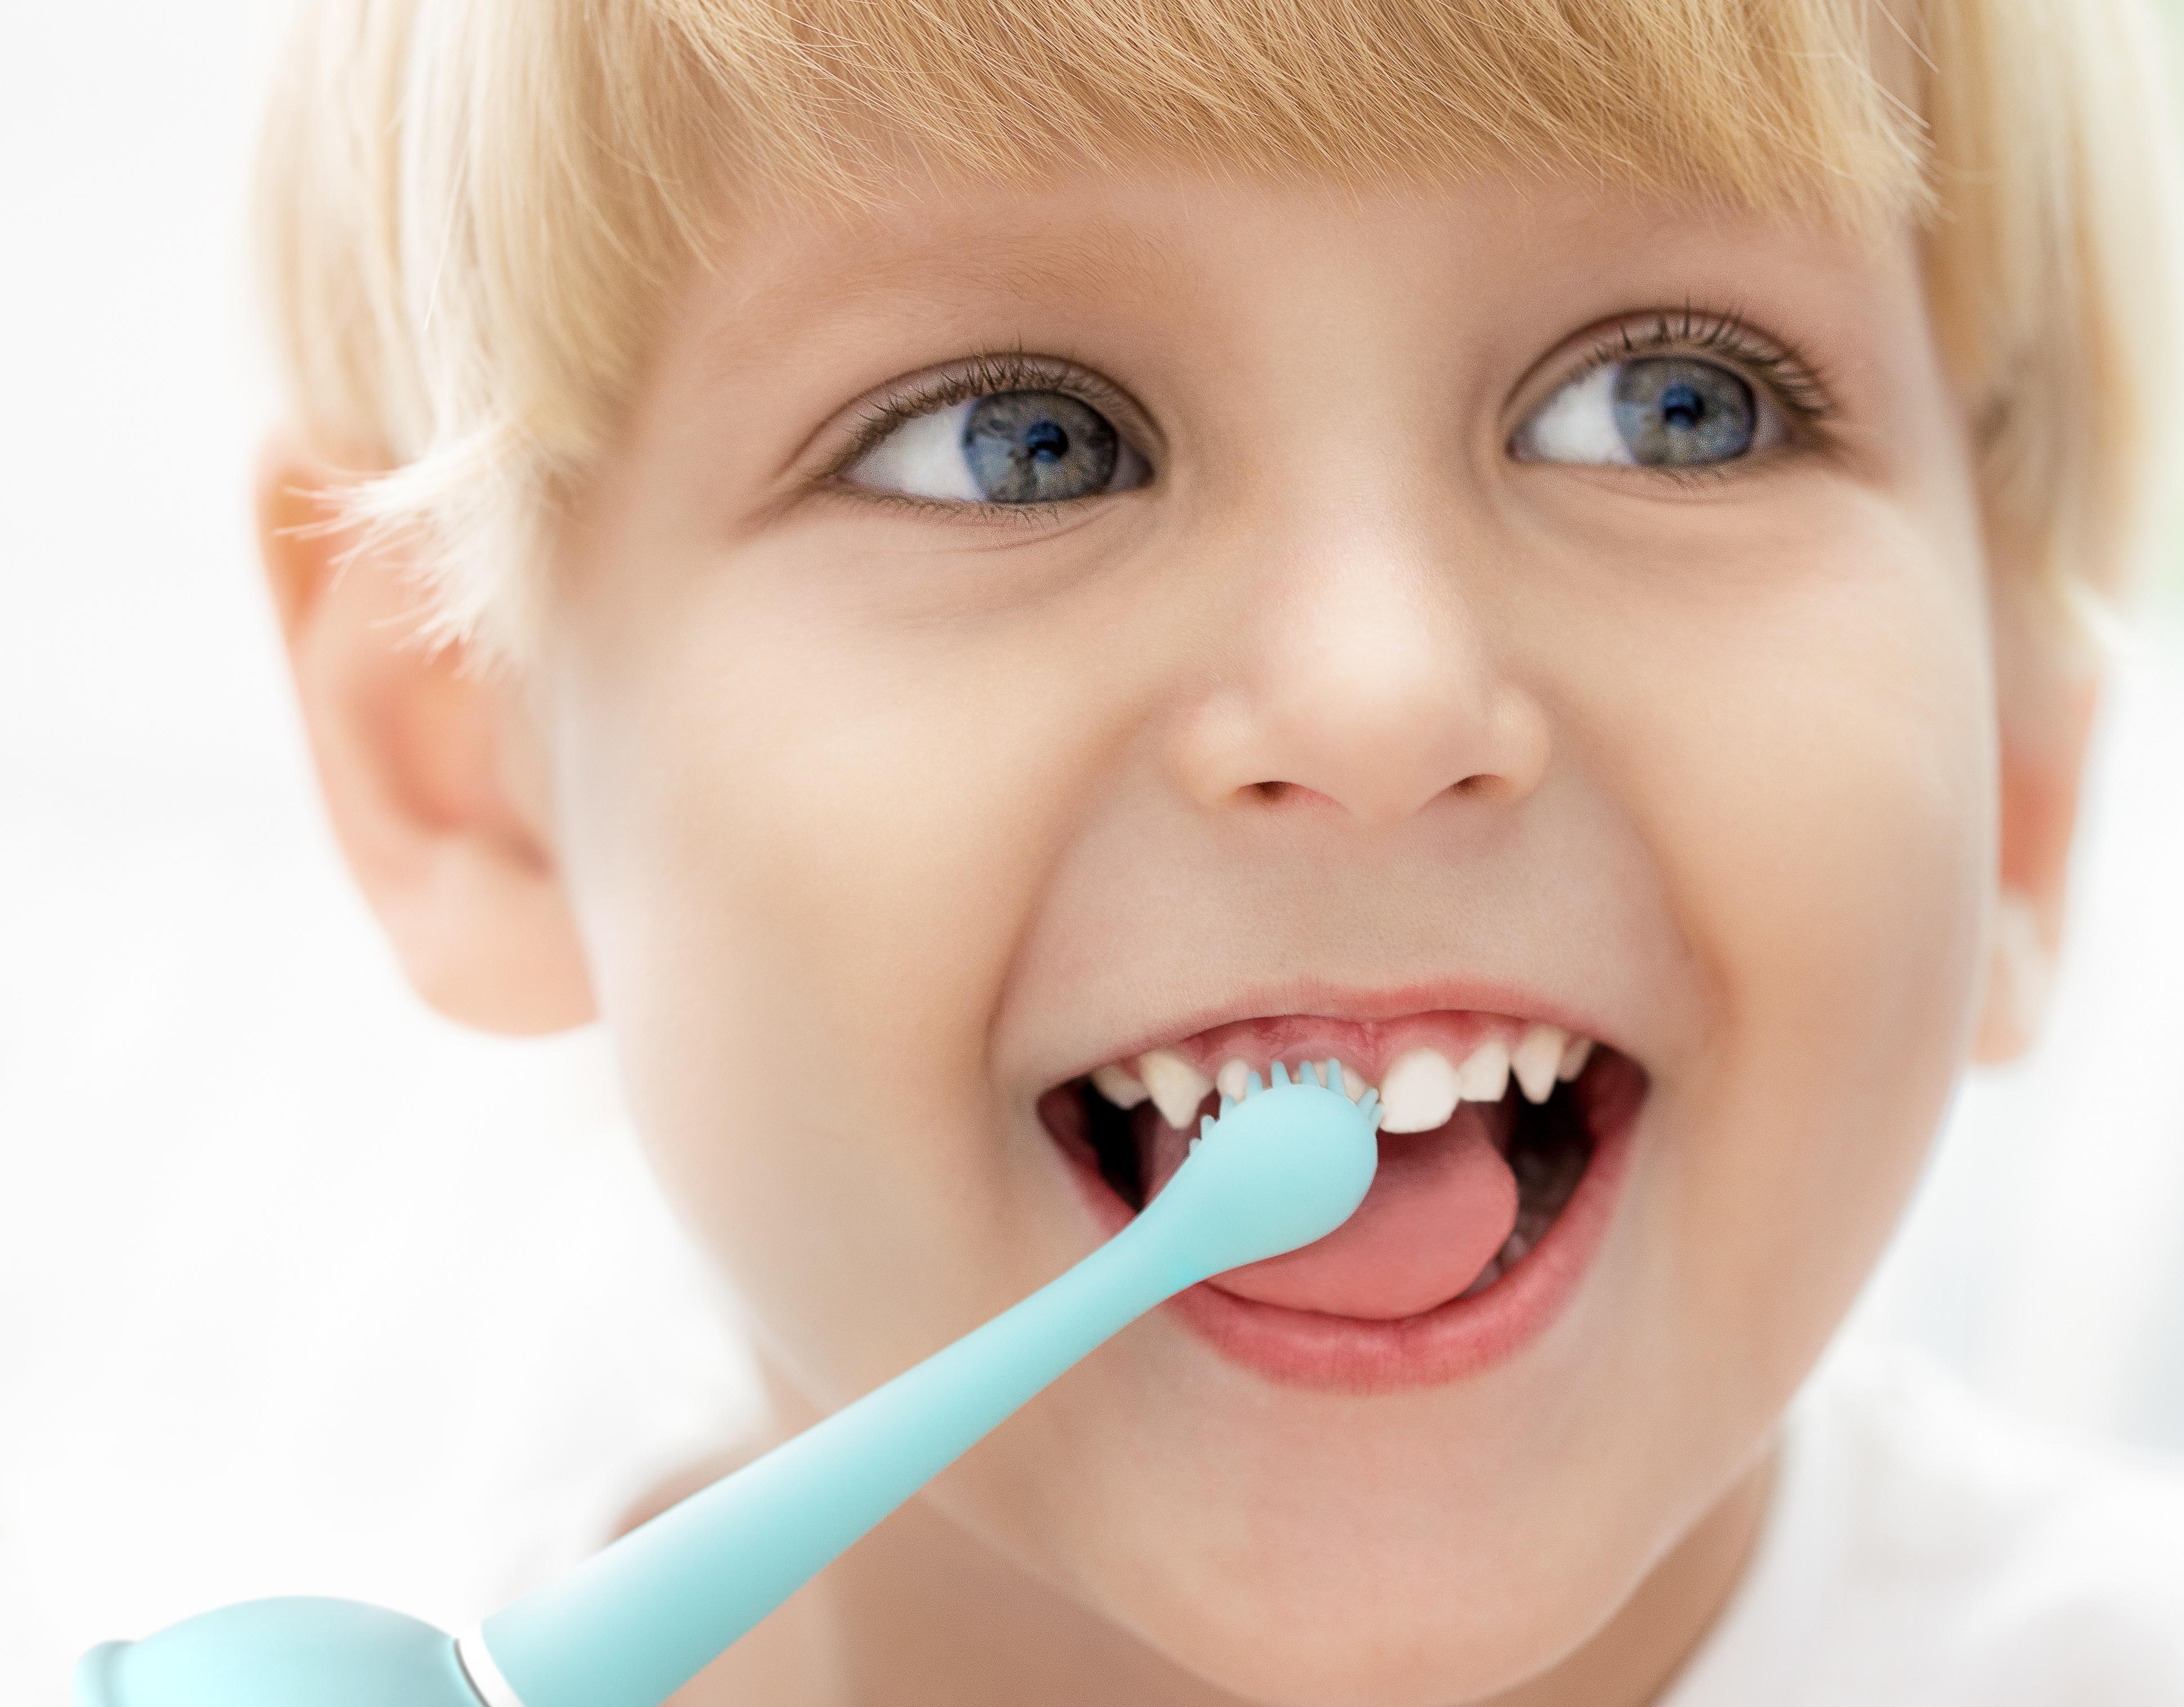 usmile电动牙刷_智能小程序远程监督,出差也放心宝宝独自刷牙